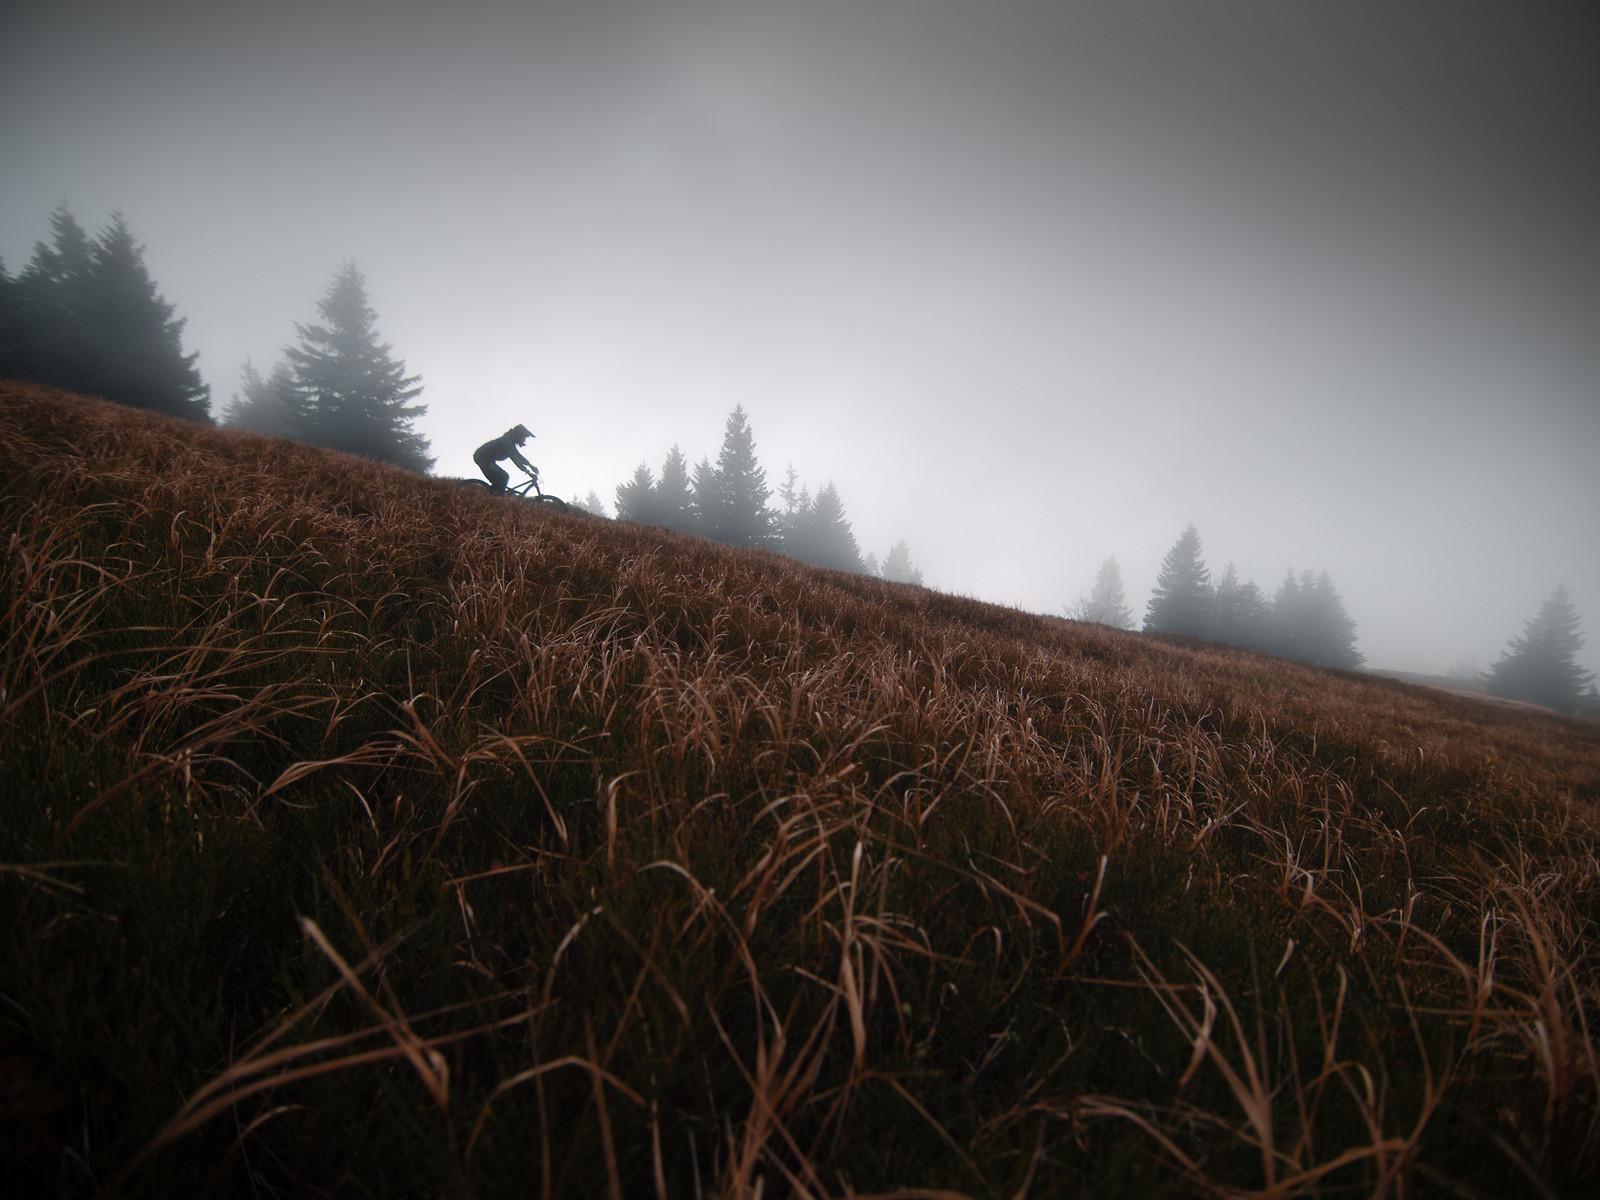 Autumn ride - EWIA - Mountain Biking Pictures - Vital MTB